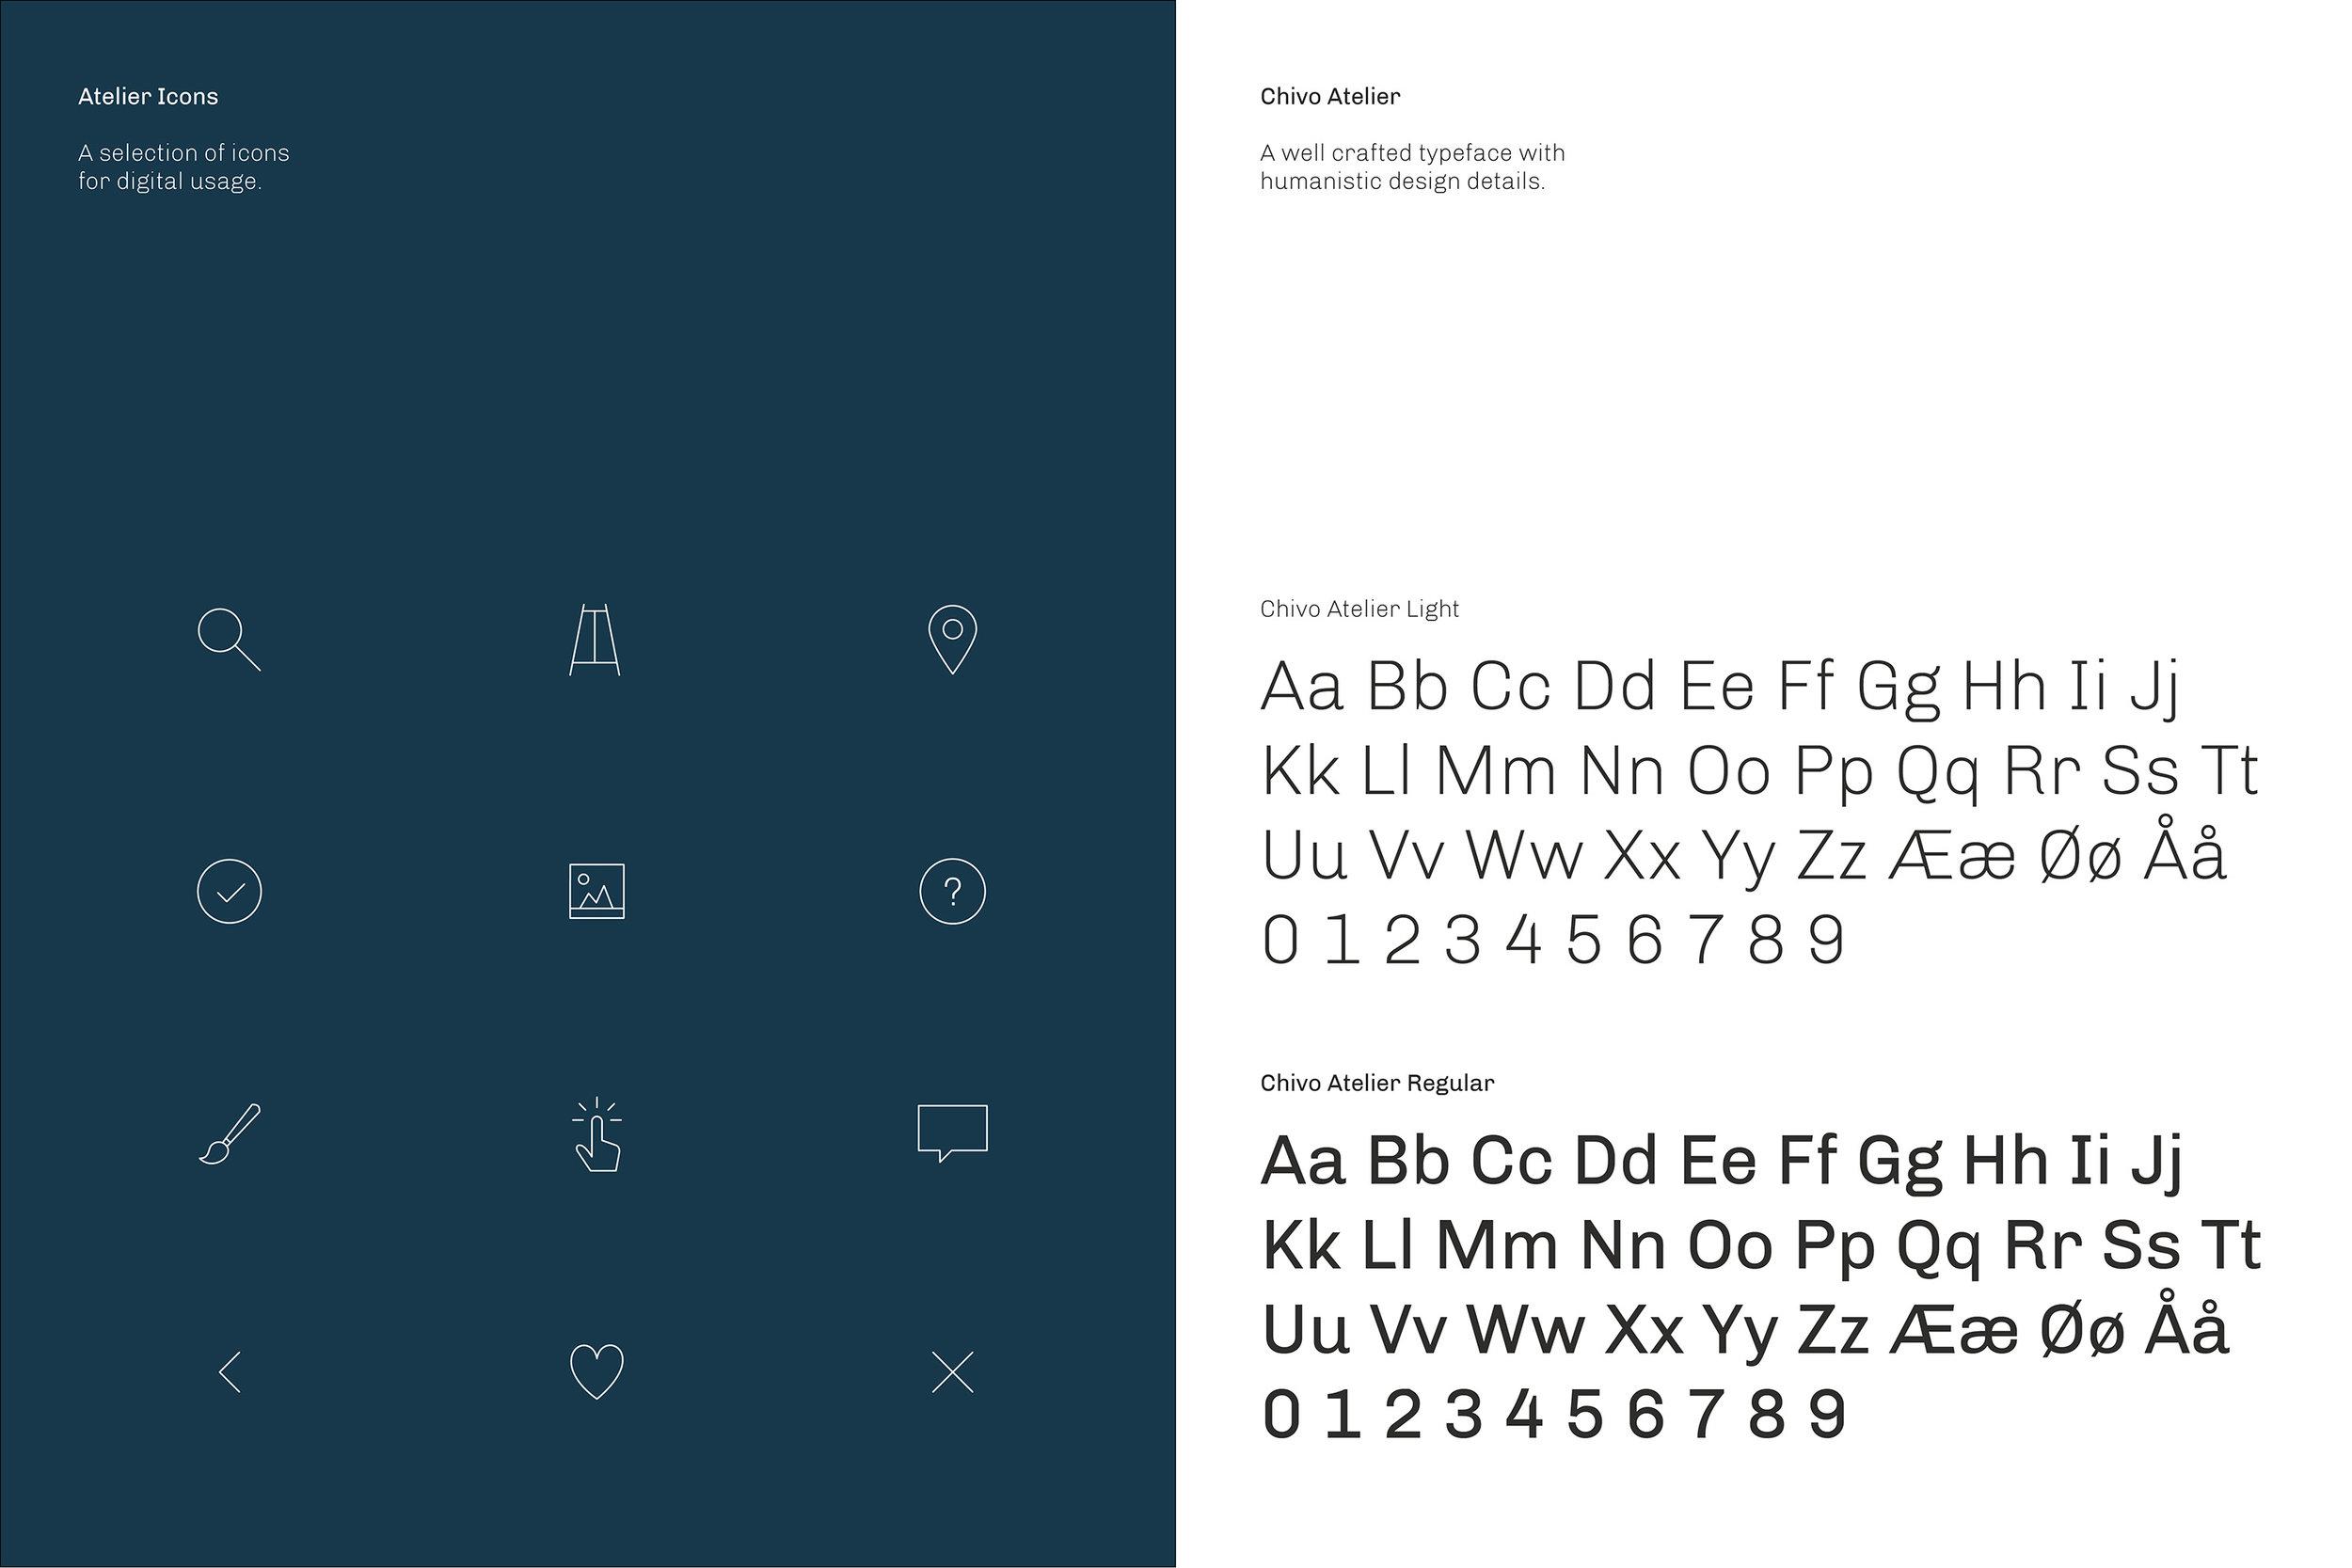 3_Typography_Icons_Atelier_Visuelt.jpg